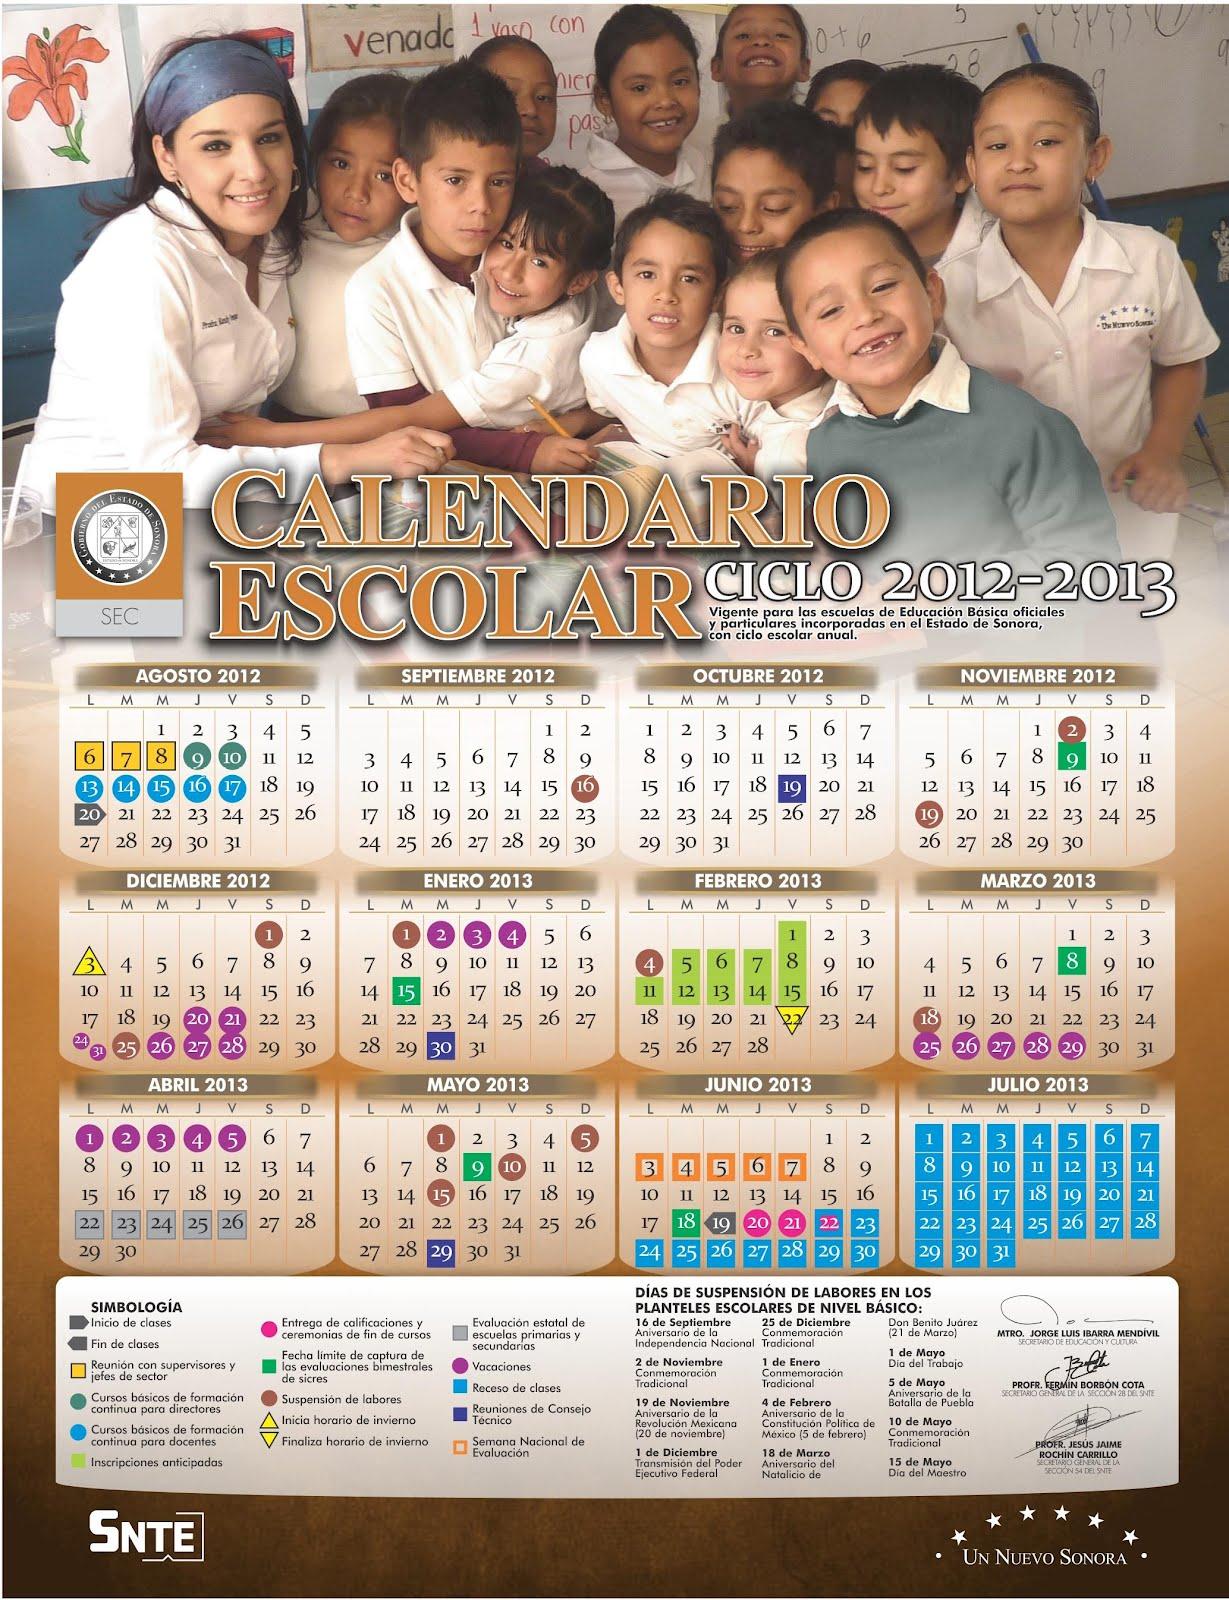 Calendario escolar 2012-2013 de Sonora